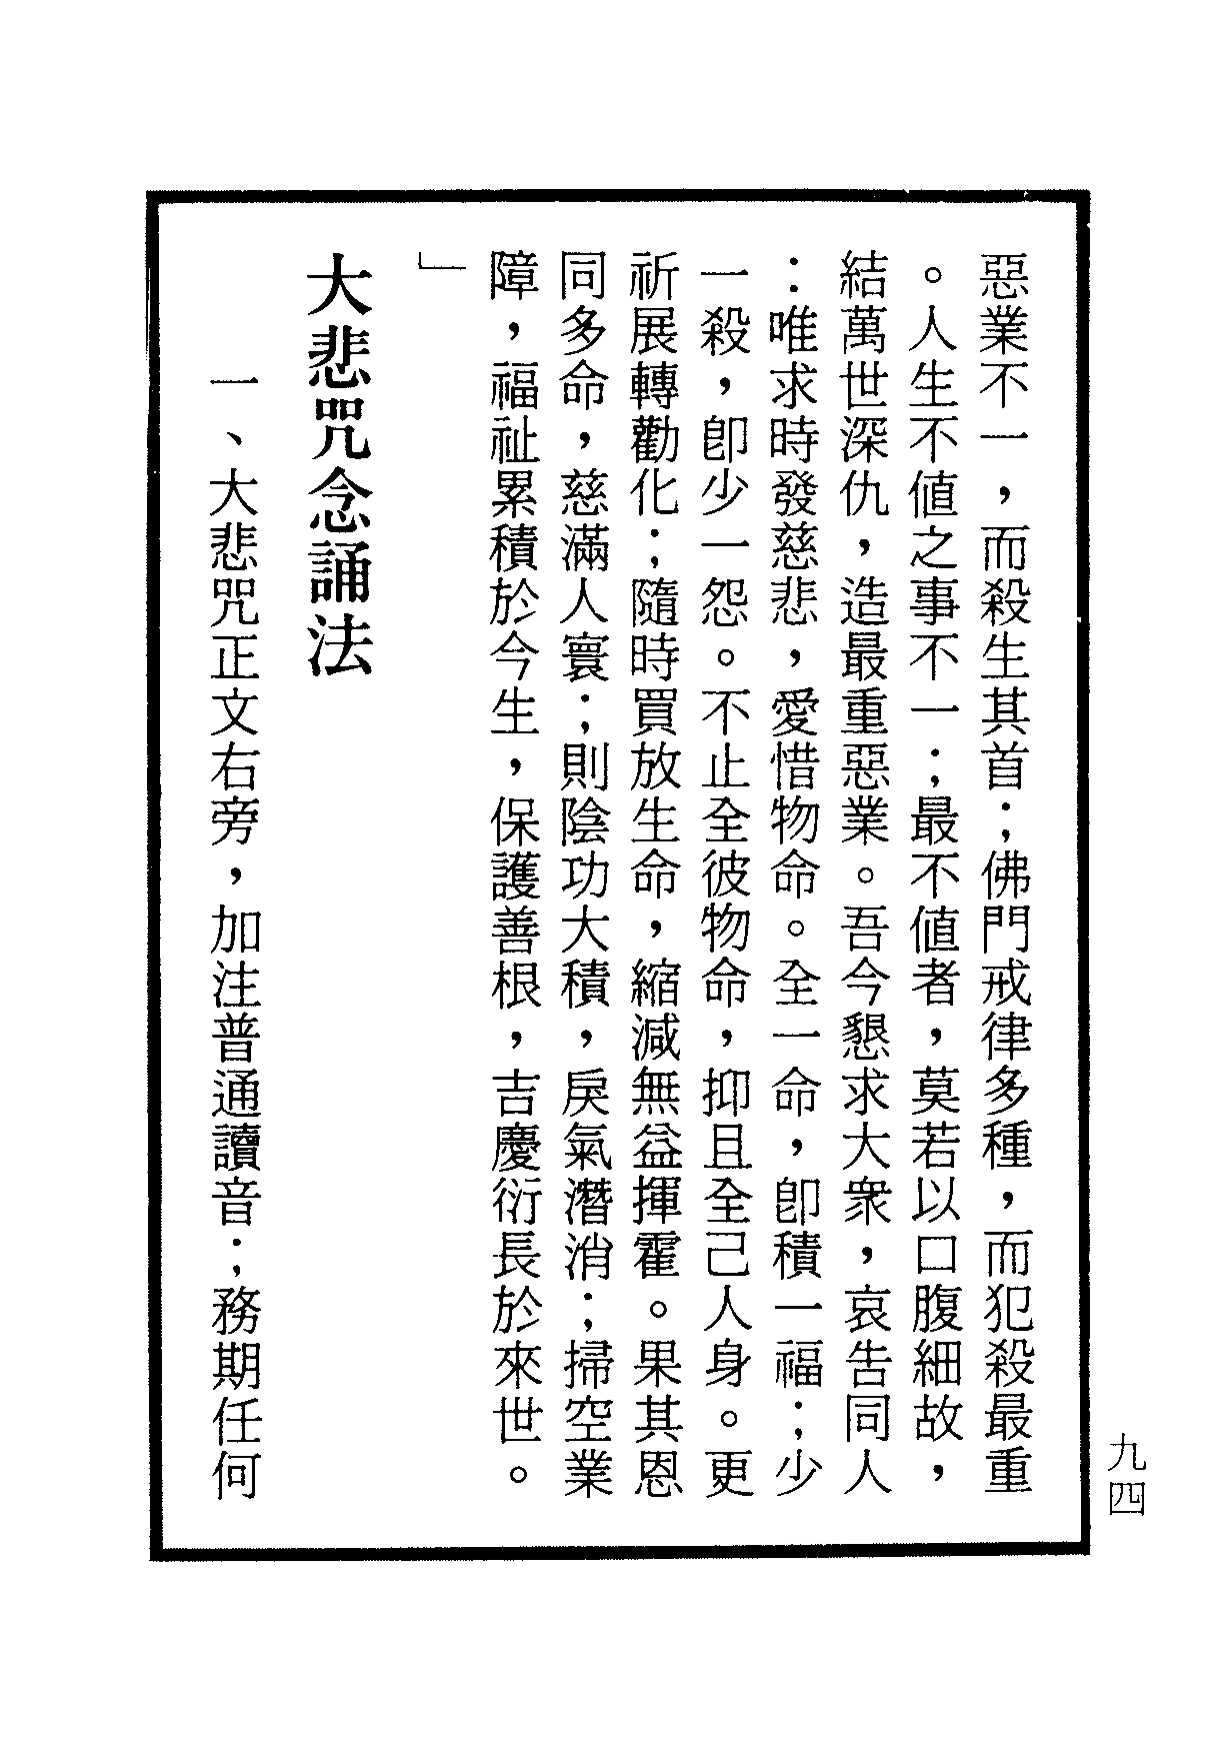 楞嚴咒-大悲咒-十小咒-易背本 100.png